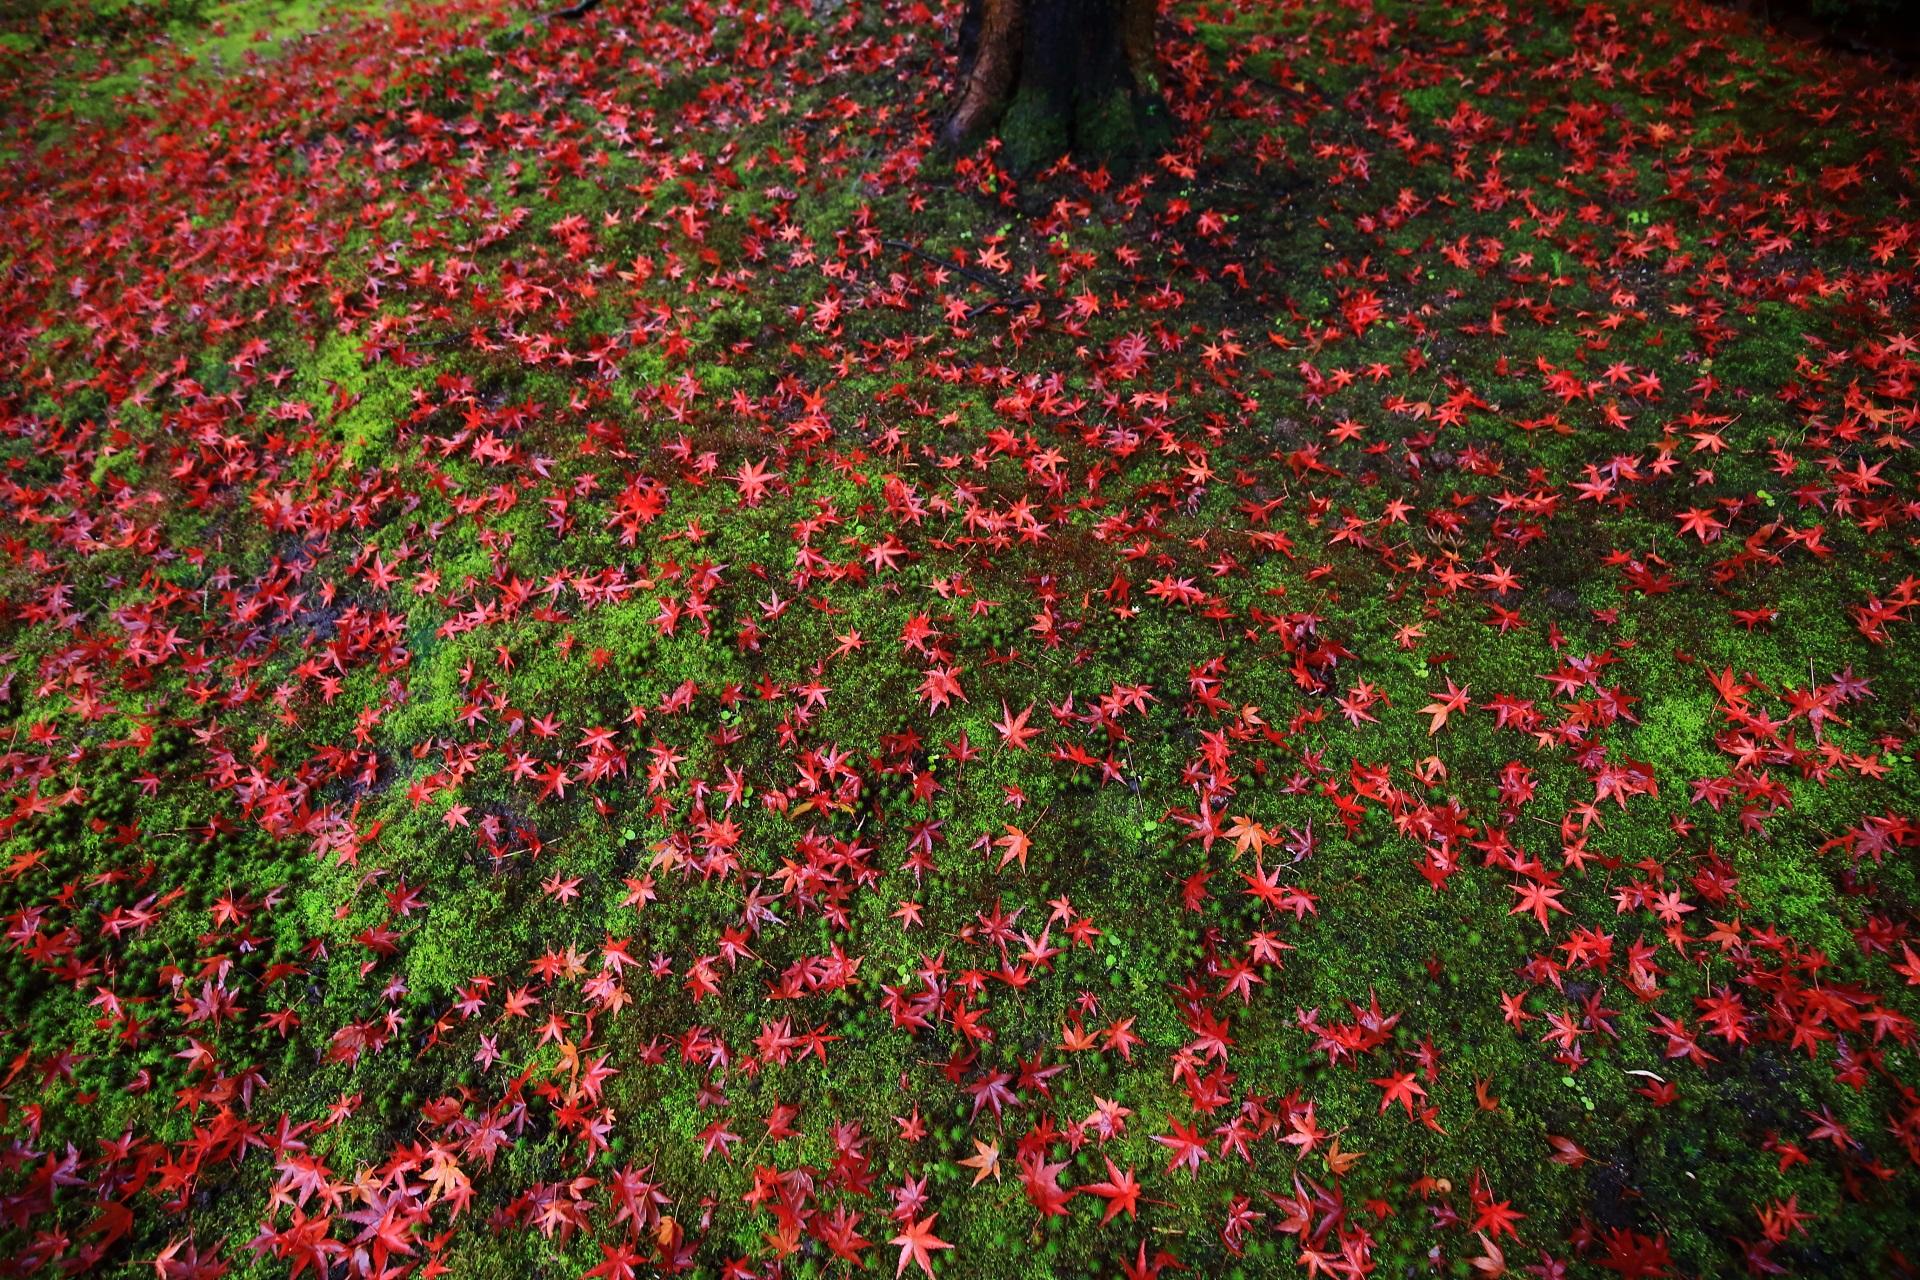 智積院の緑の苔を染める鮮烈な赤い散り紅葉